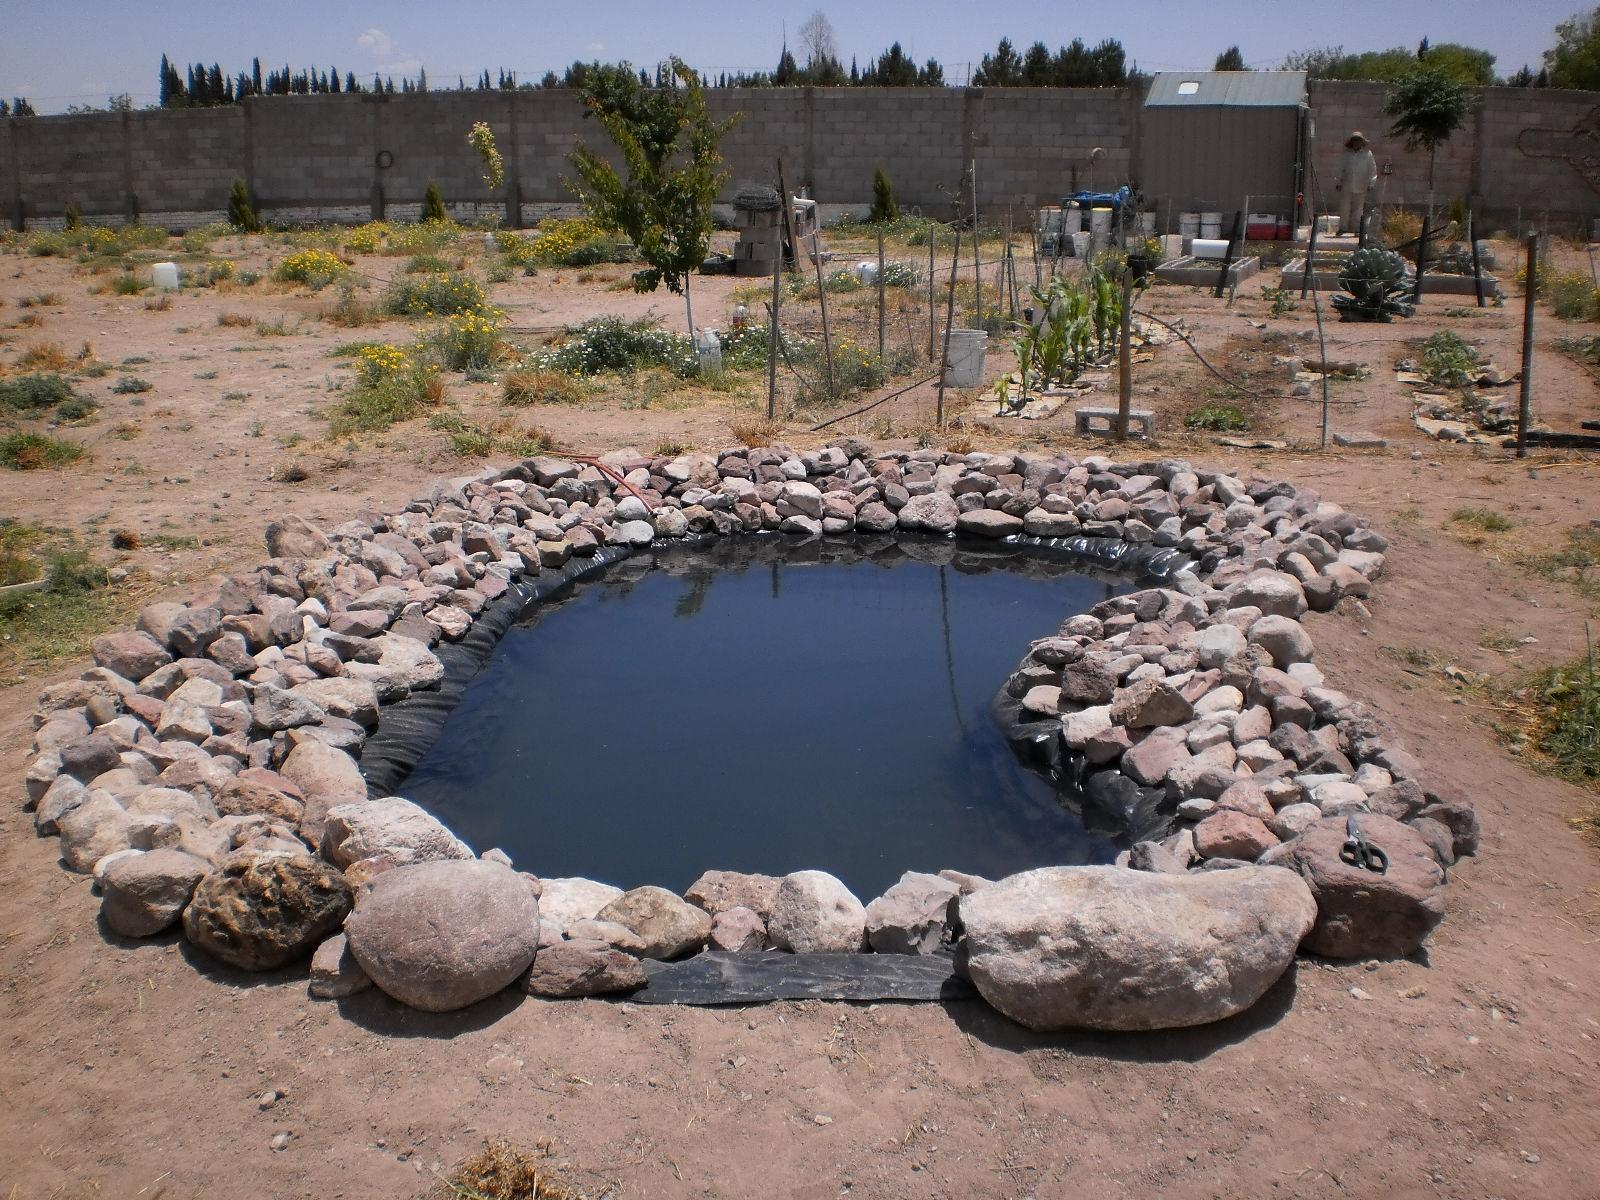 Las golondrinas margaritas camalu el estanque de los for Pileta con peces